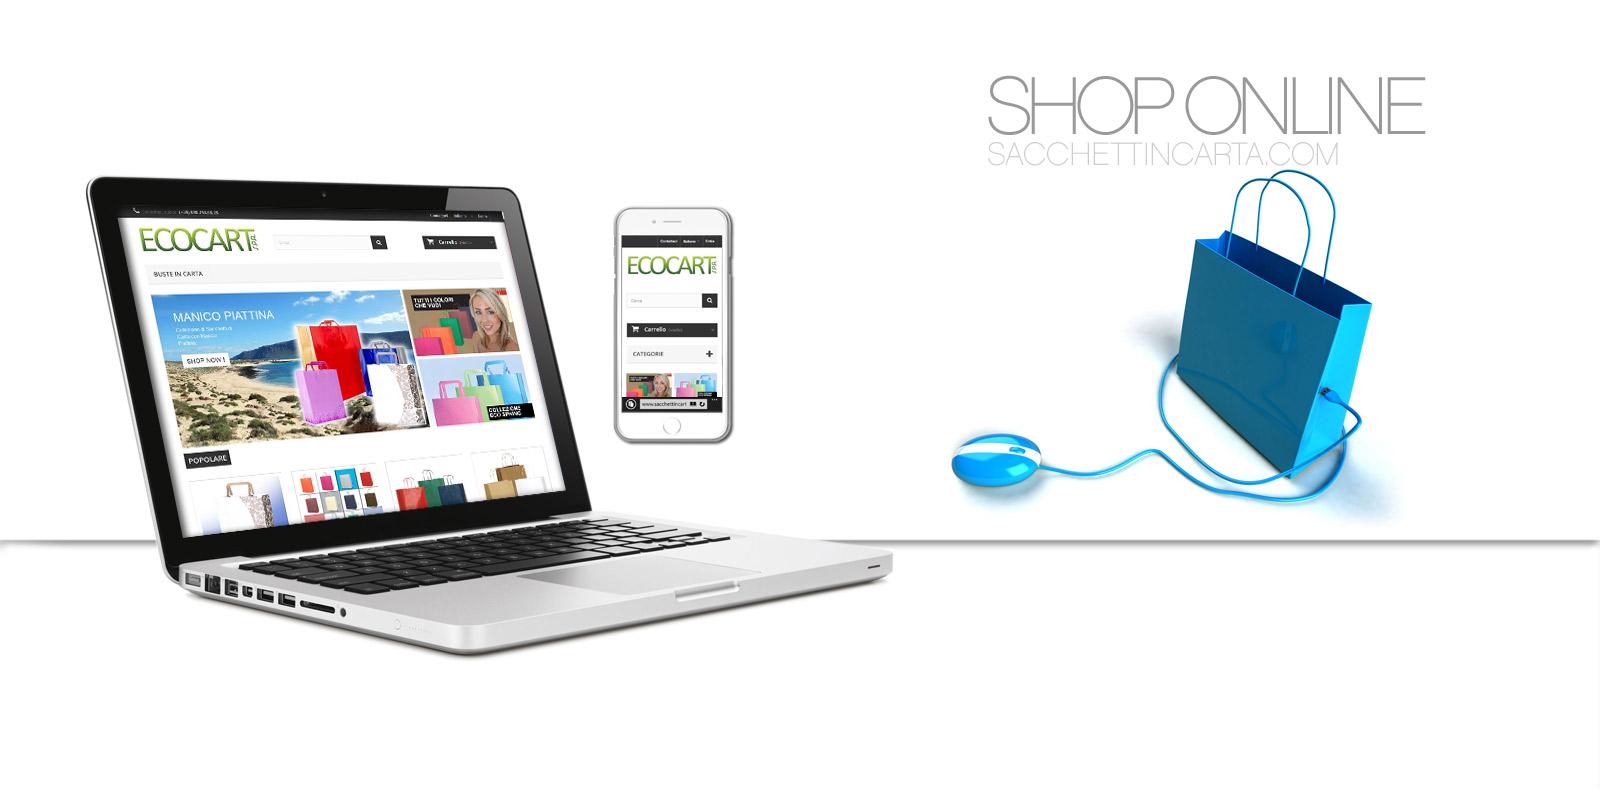 Nous Ecommerce - Magasin En ligne sacchettincarta.com by Ecocart Spa - Nous Shop Online